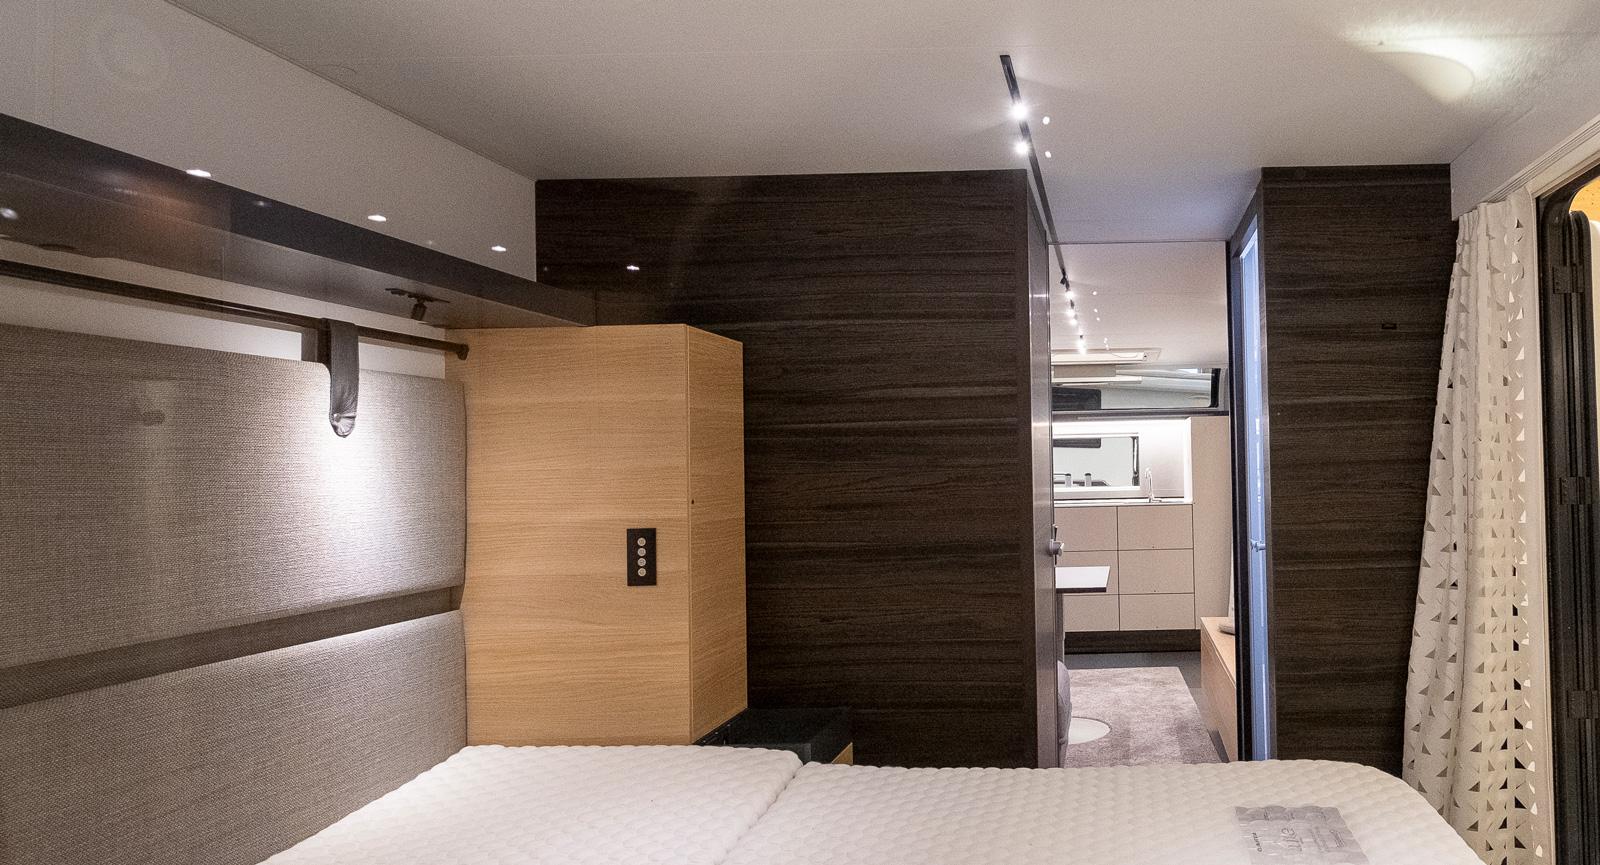 Sovrum med tvärställd queenbed där fotändan är vänd mot den stora öppningen.